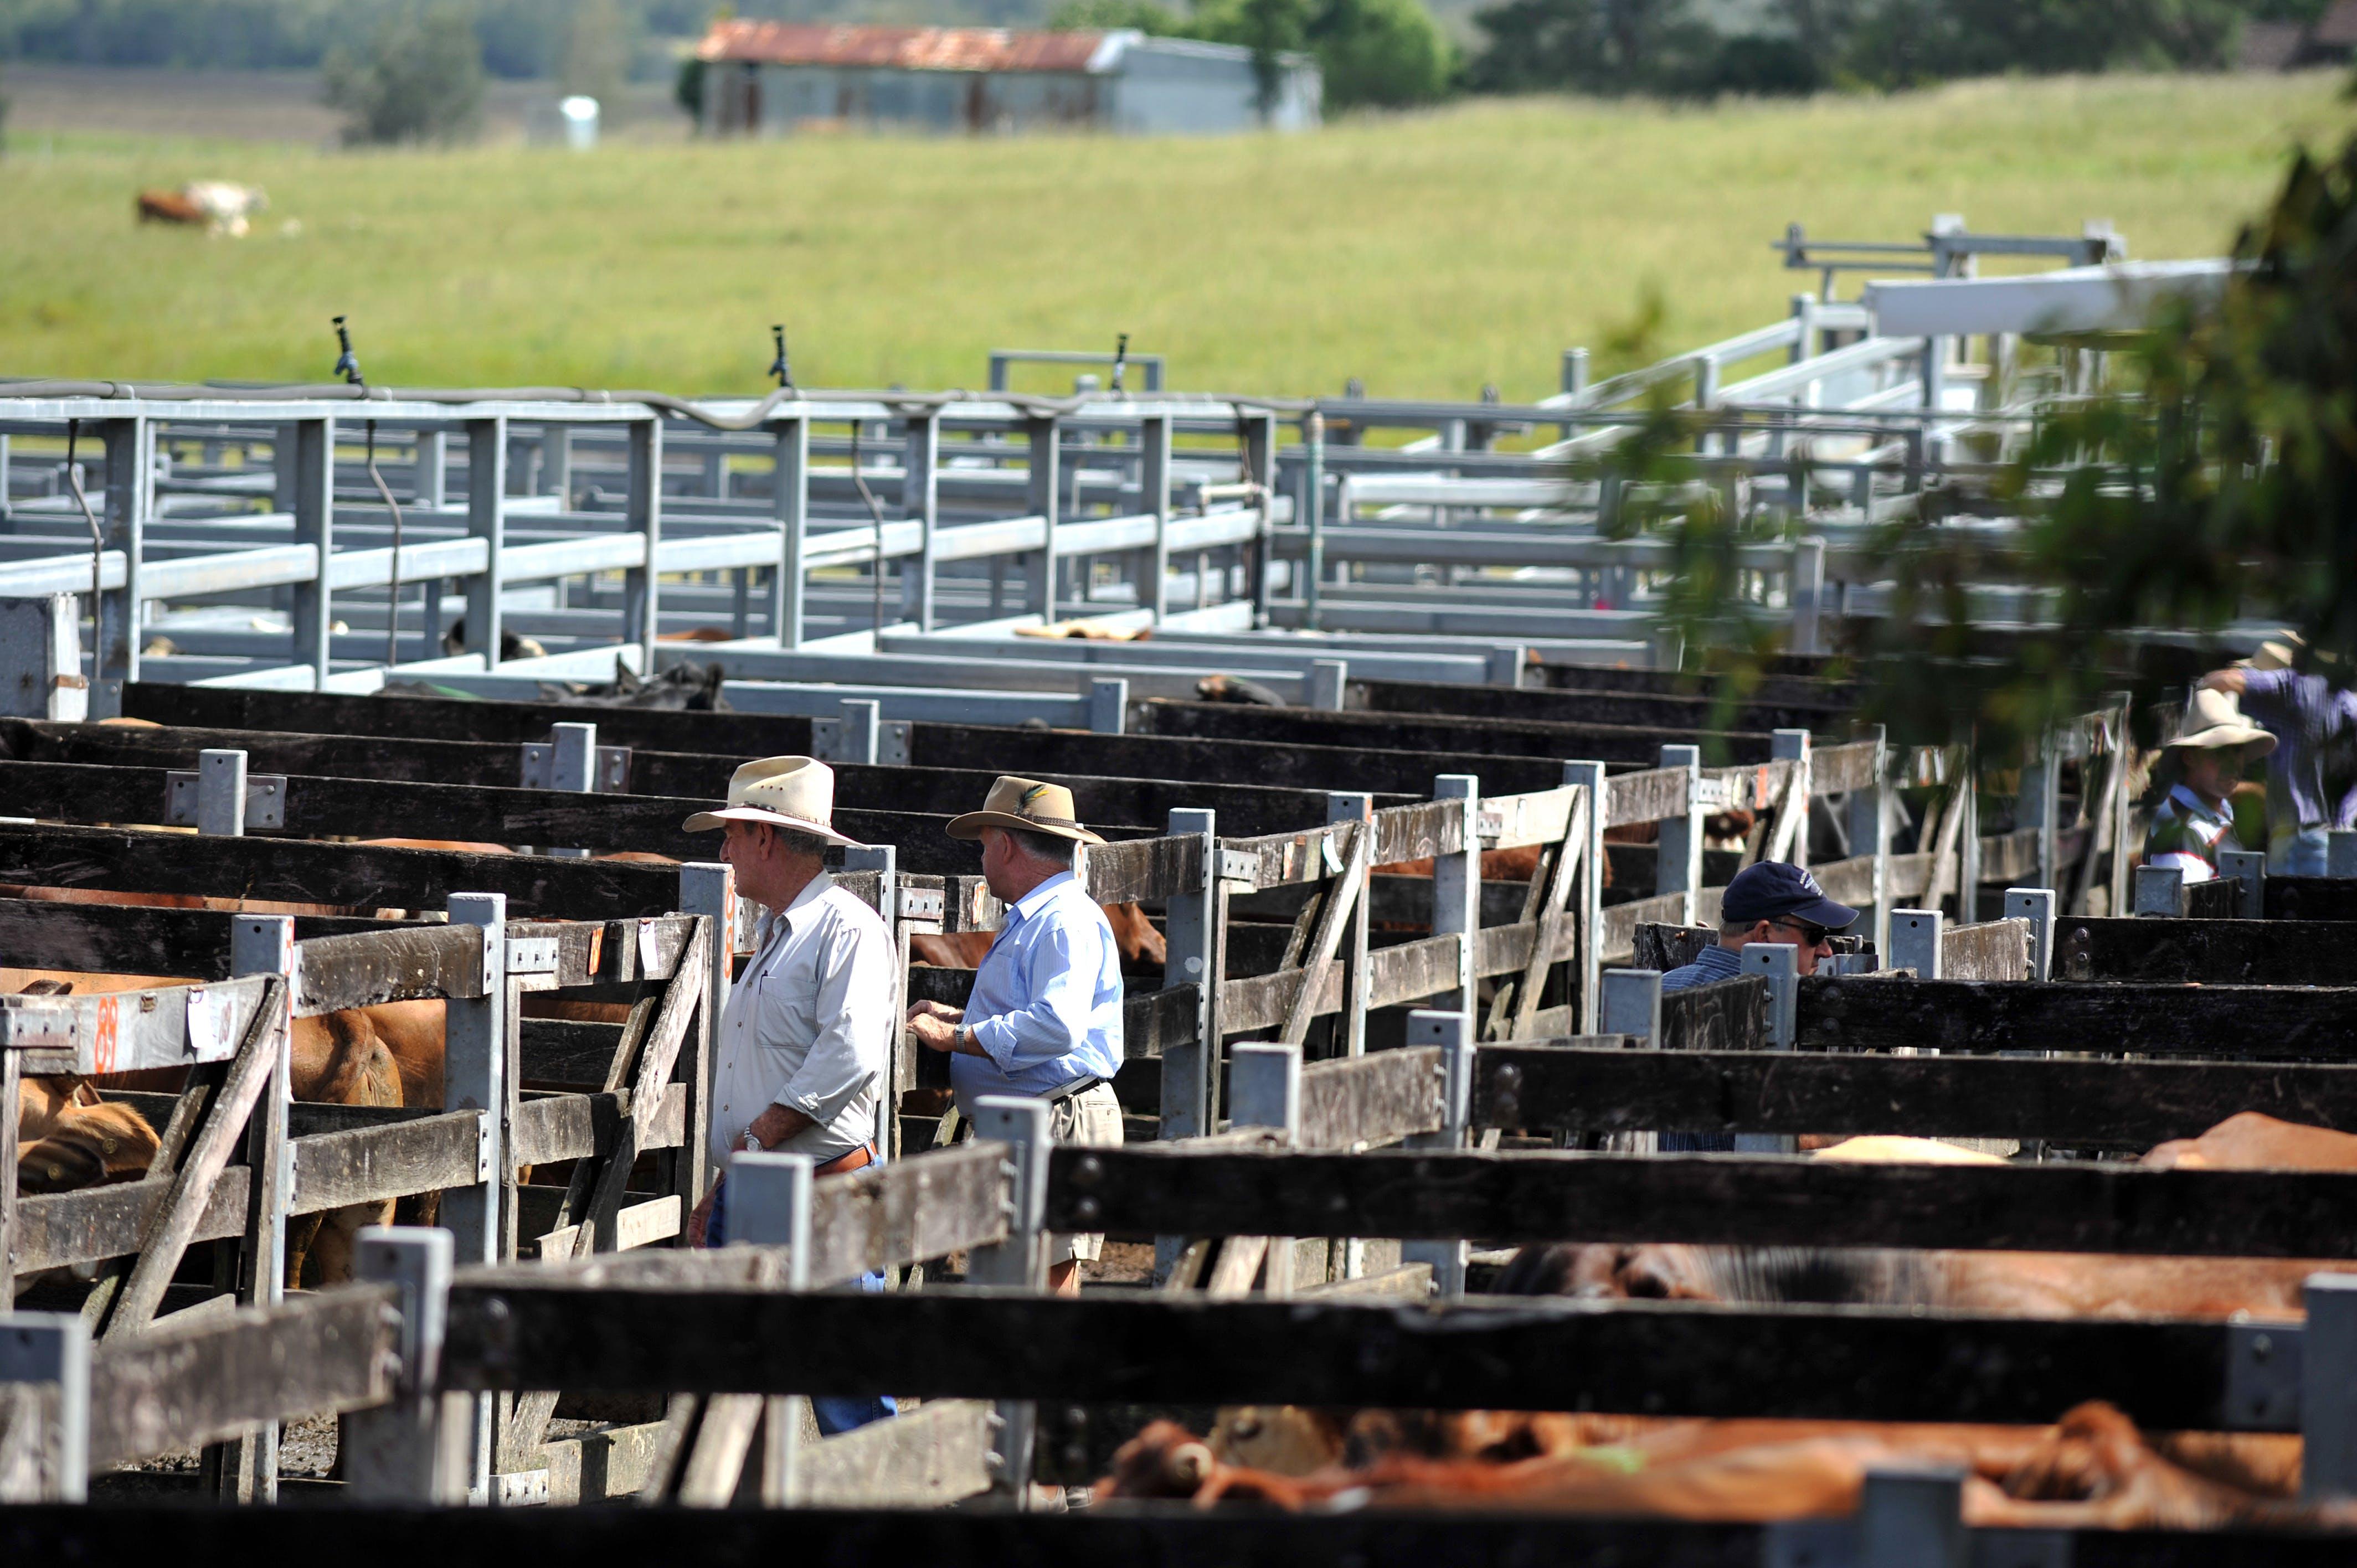 Kempsey Regional Saleyards 2